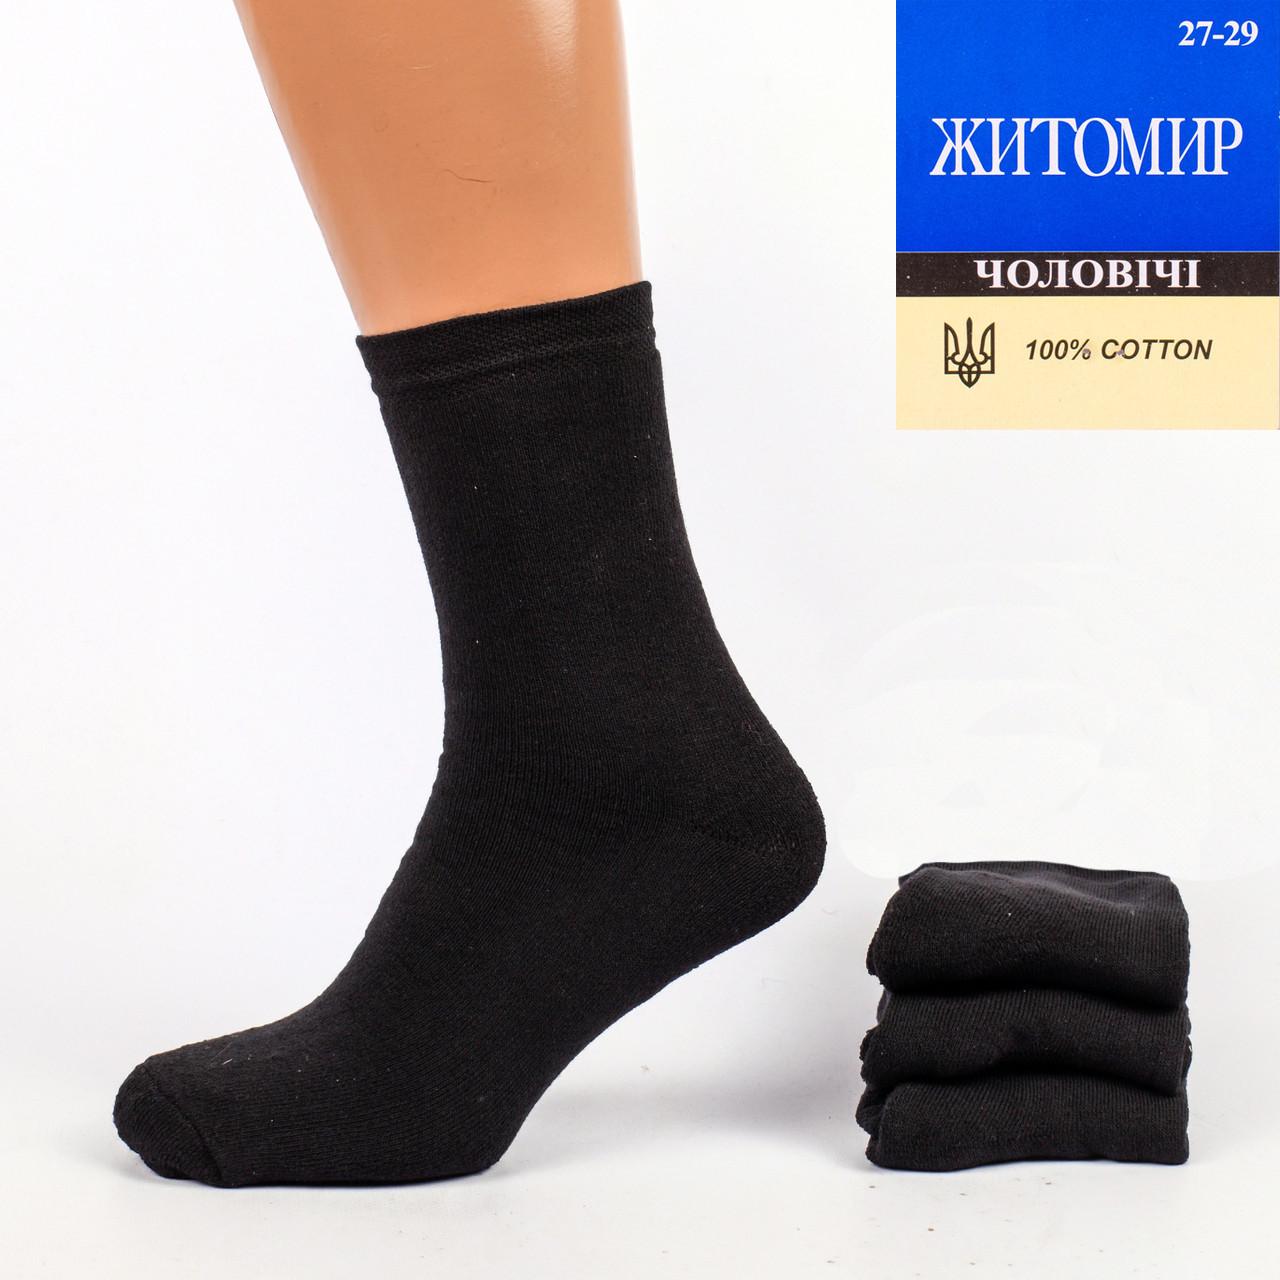 Мужские махровые носки Житомир Yura M 12. В упаковке 12 пар.